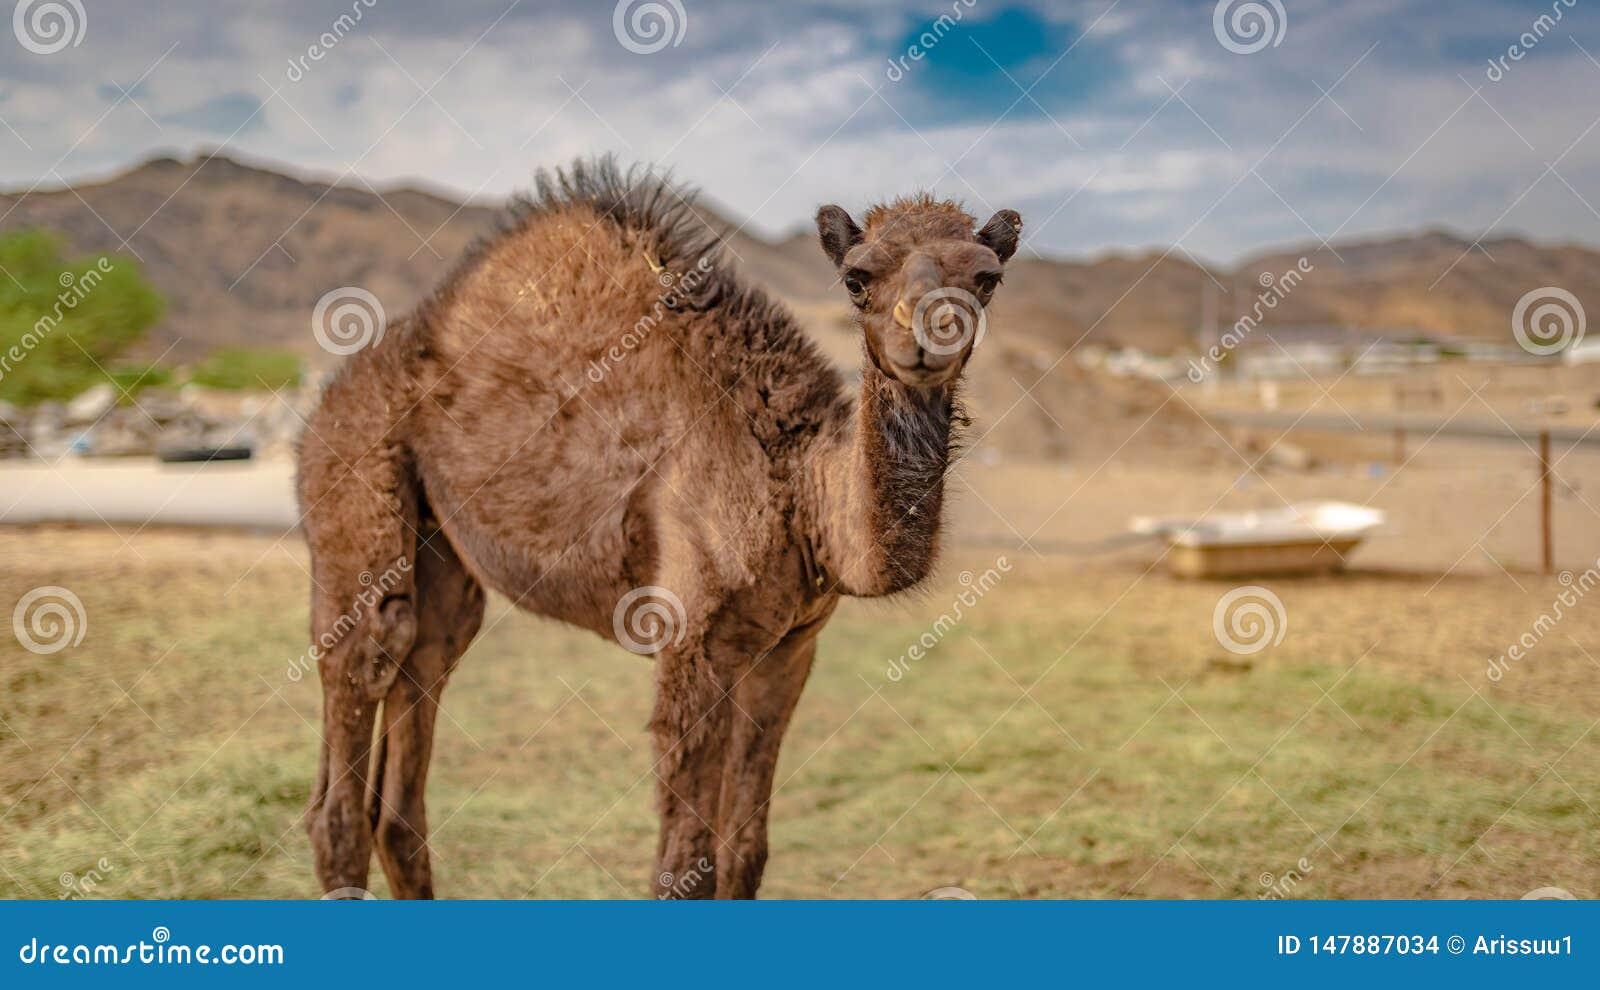 Kameel Live In een Woestijn